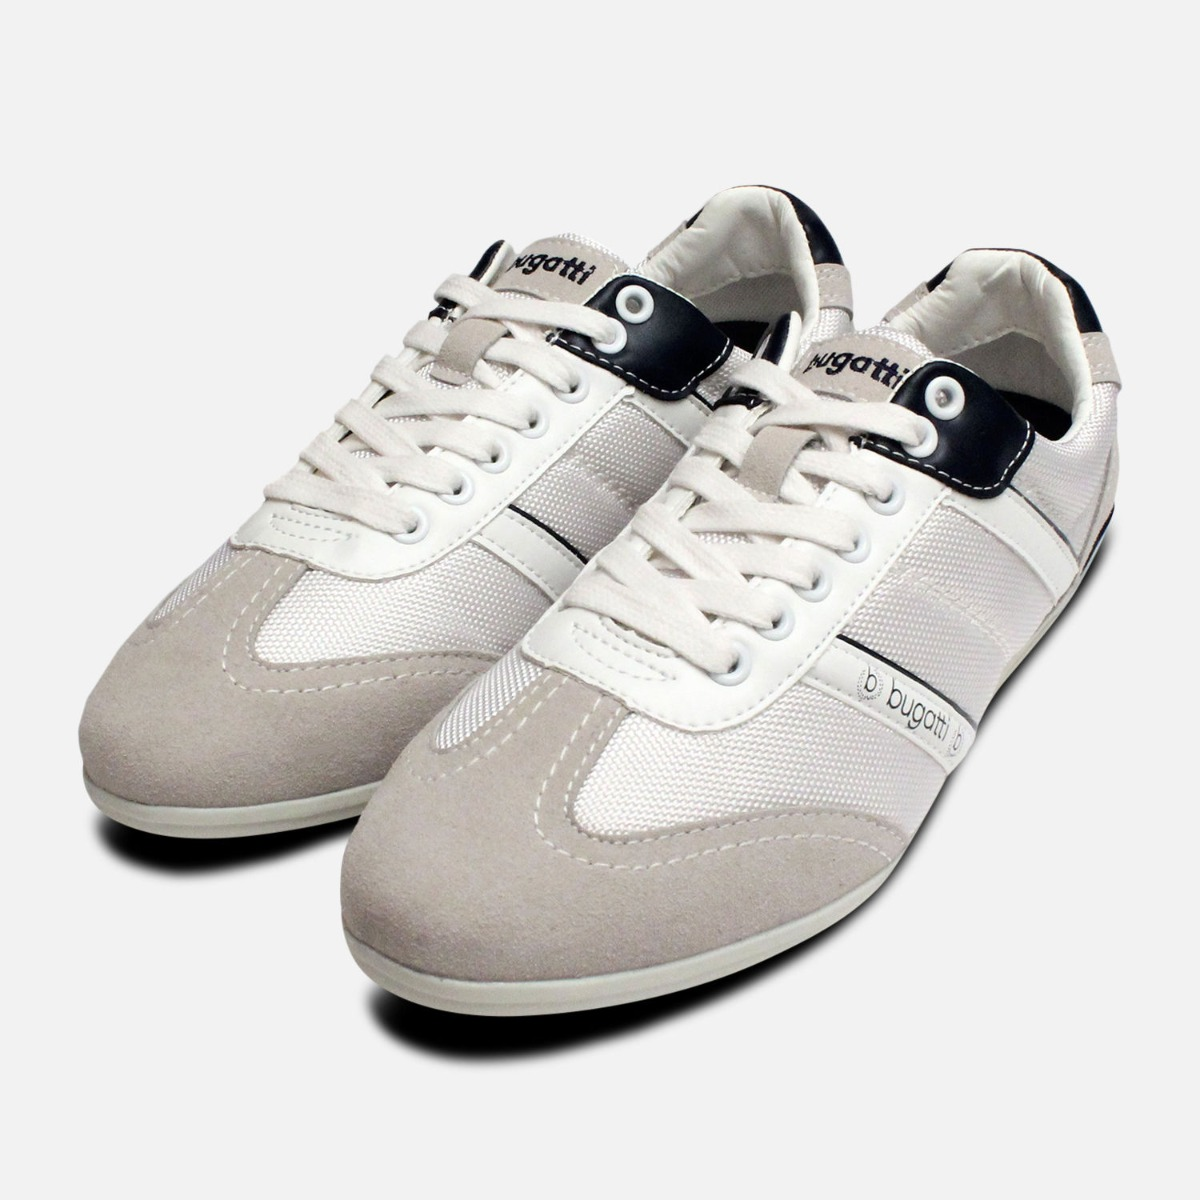 Grey \u0026 White Designer Bugatti Sneakers